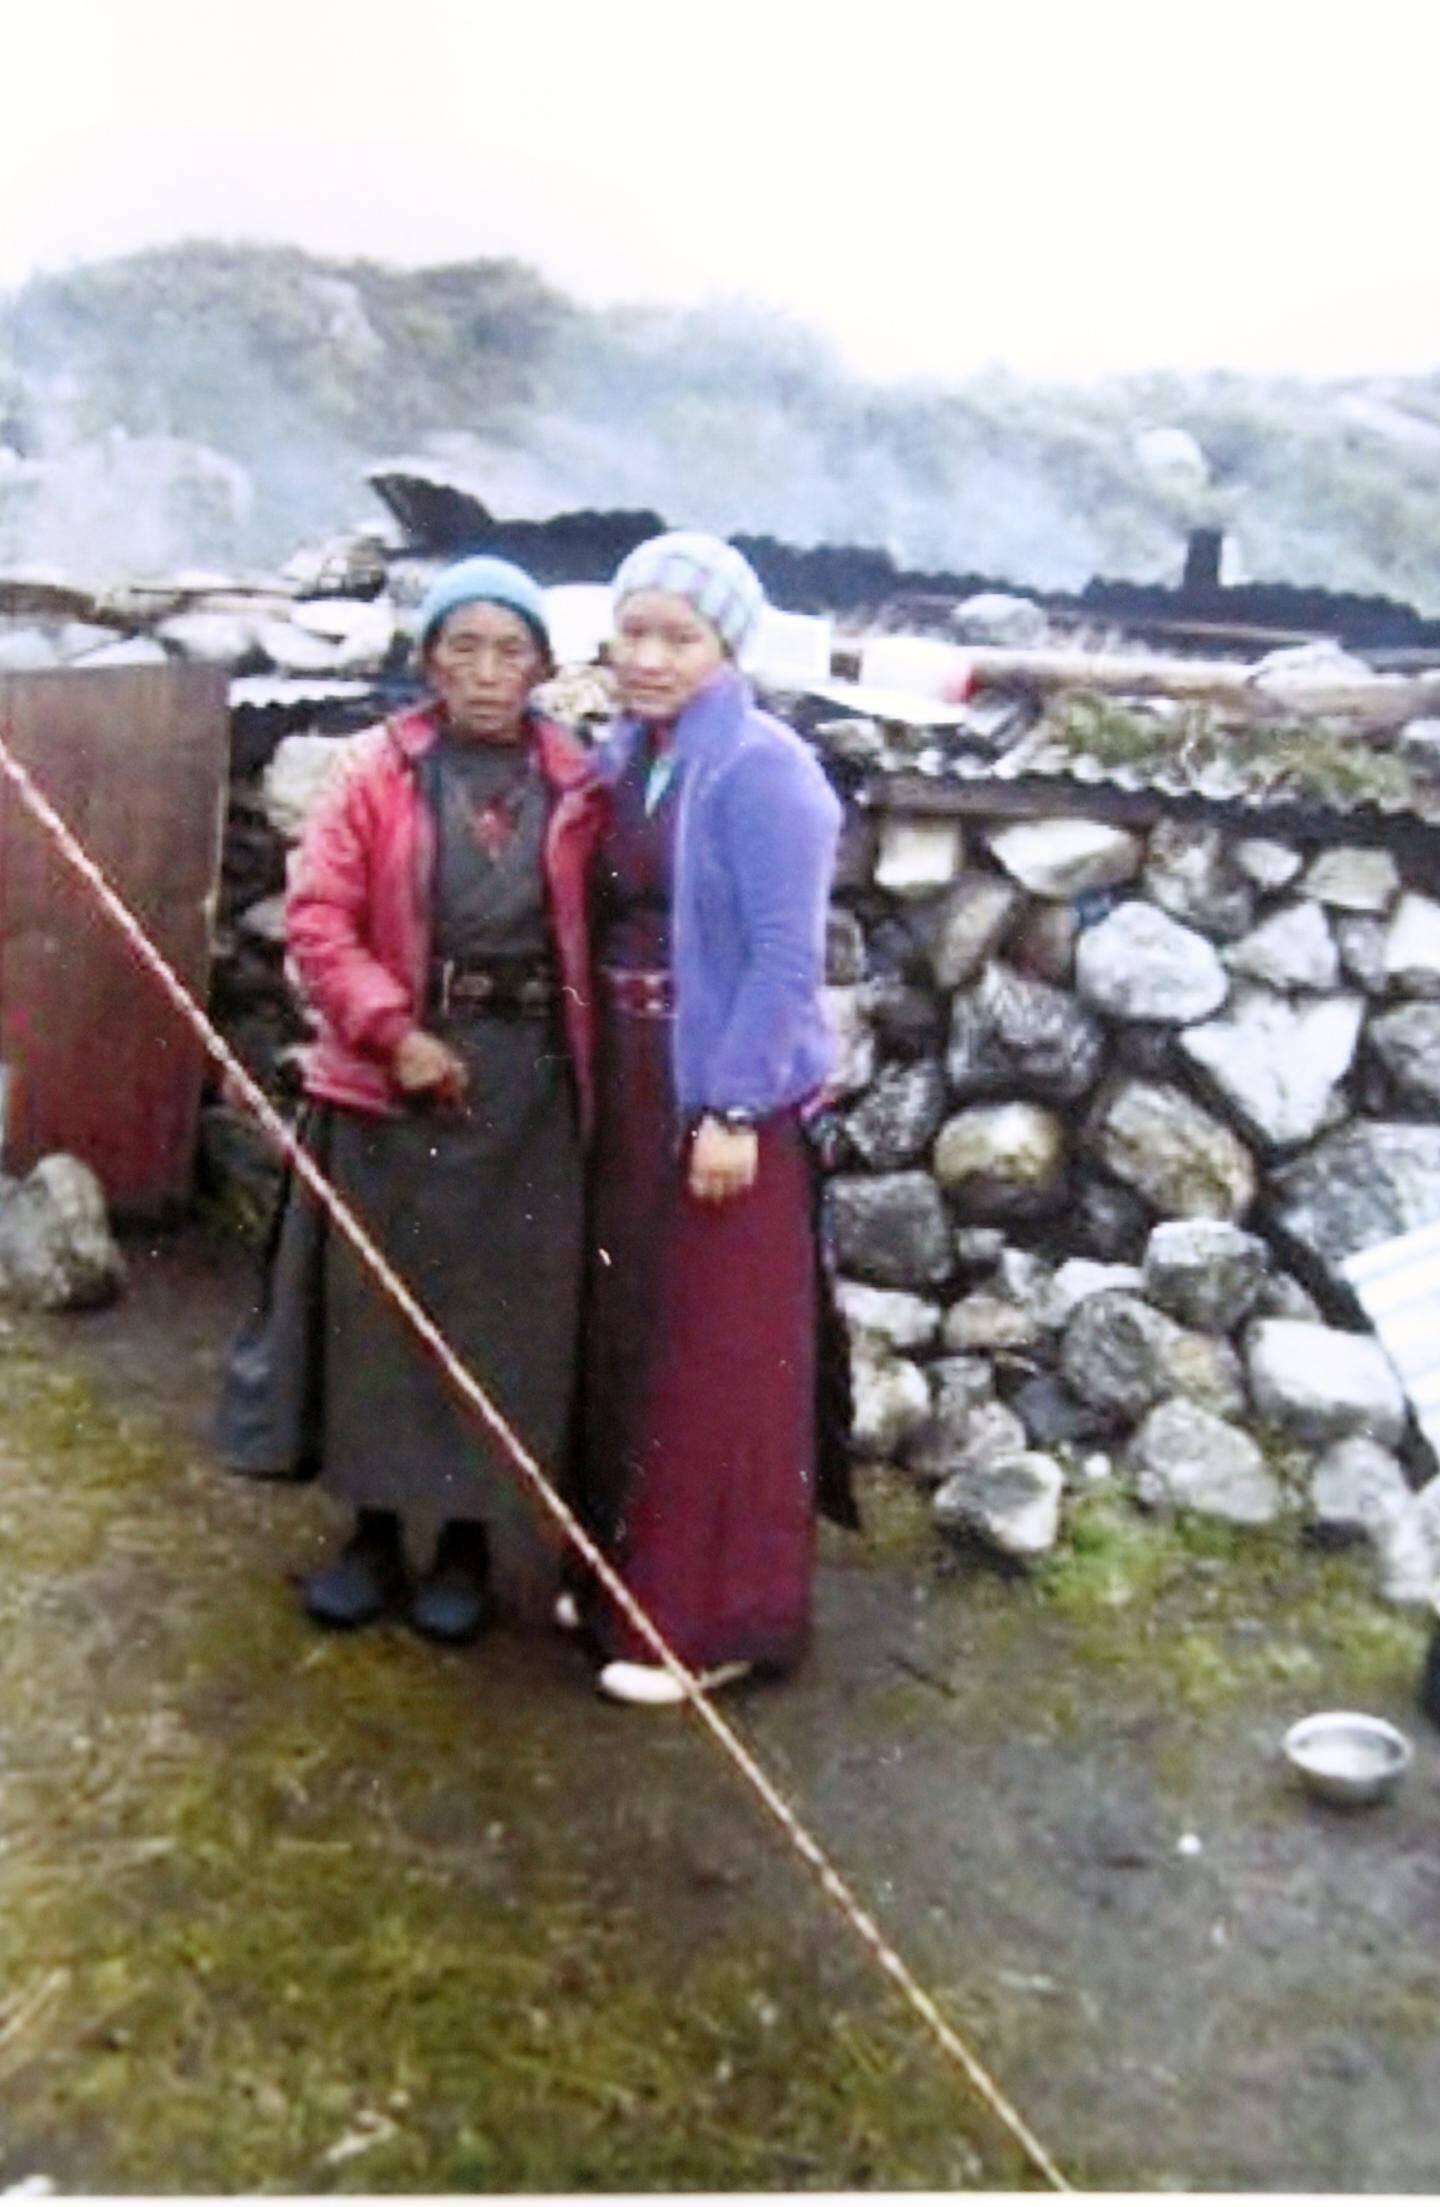 Gyalmo Chusang (à droite) était recherchée. Elle a perdu plusieurs membres de sa famille dont sa maman dans les avalanches et sa guesthouse. Elle fabrique des bijoux fantaisie que l'association a achetés à prix fort pour l'encourager.